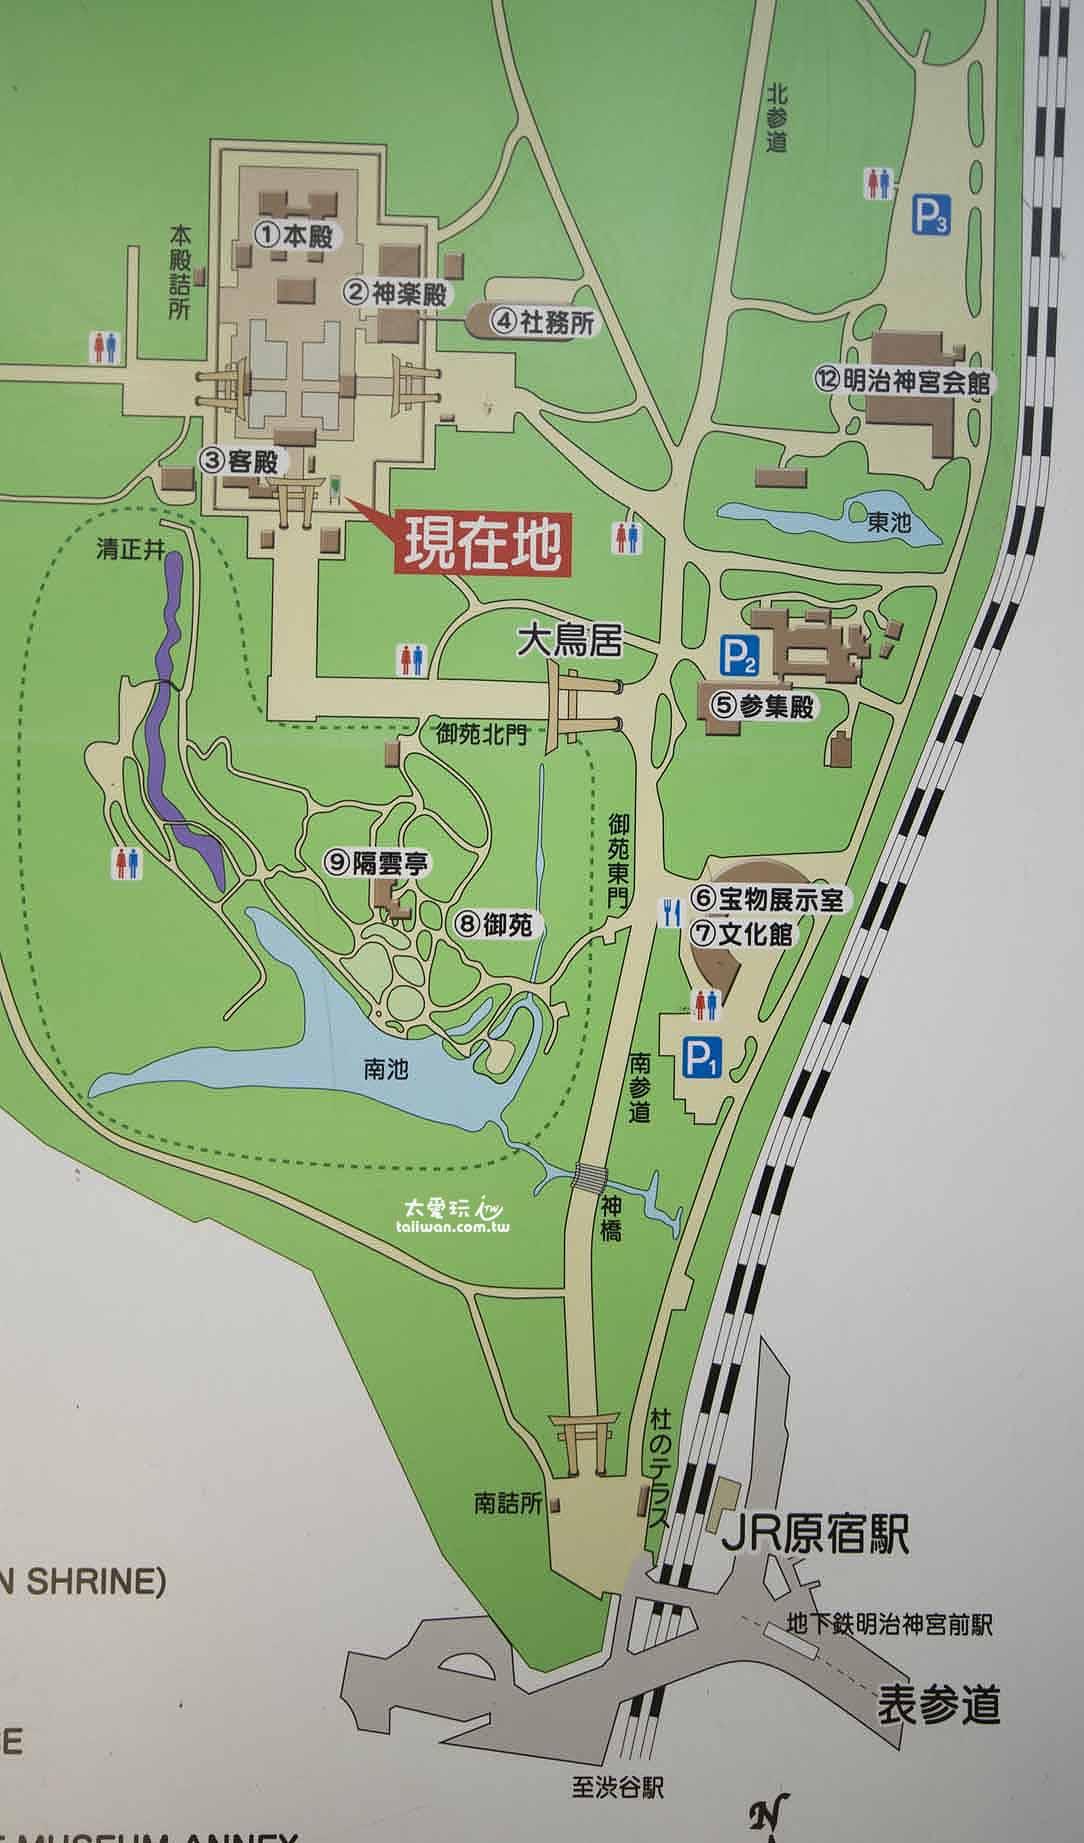 明治神宫地图(点我看大图)